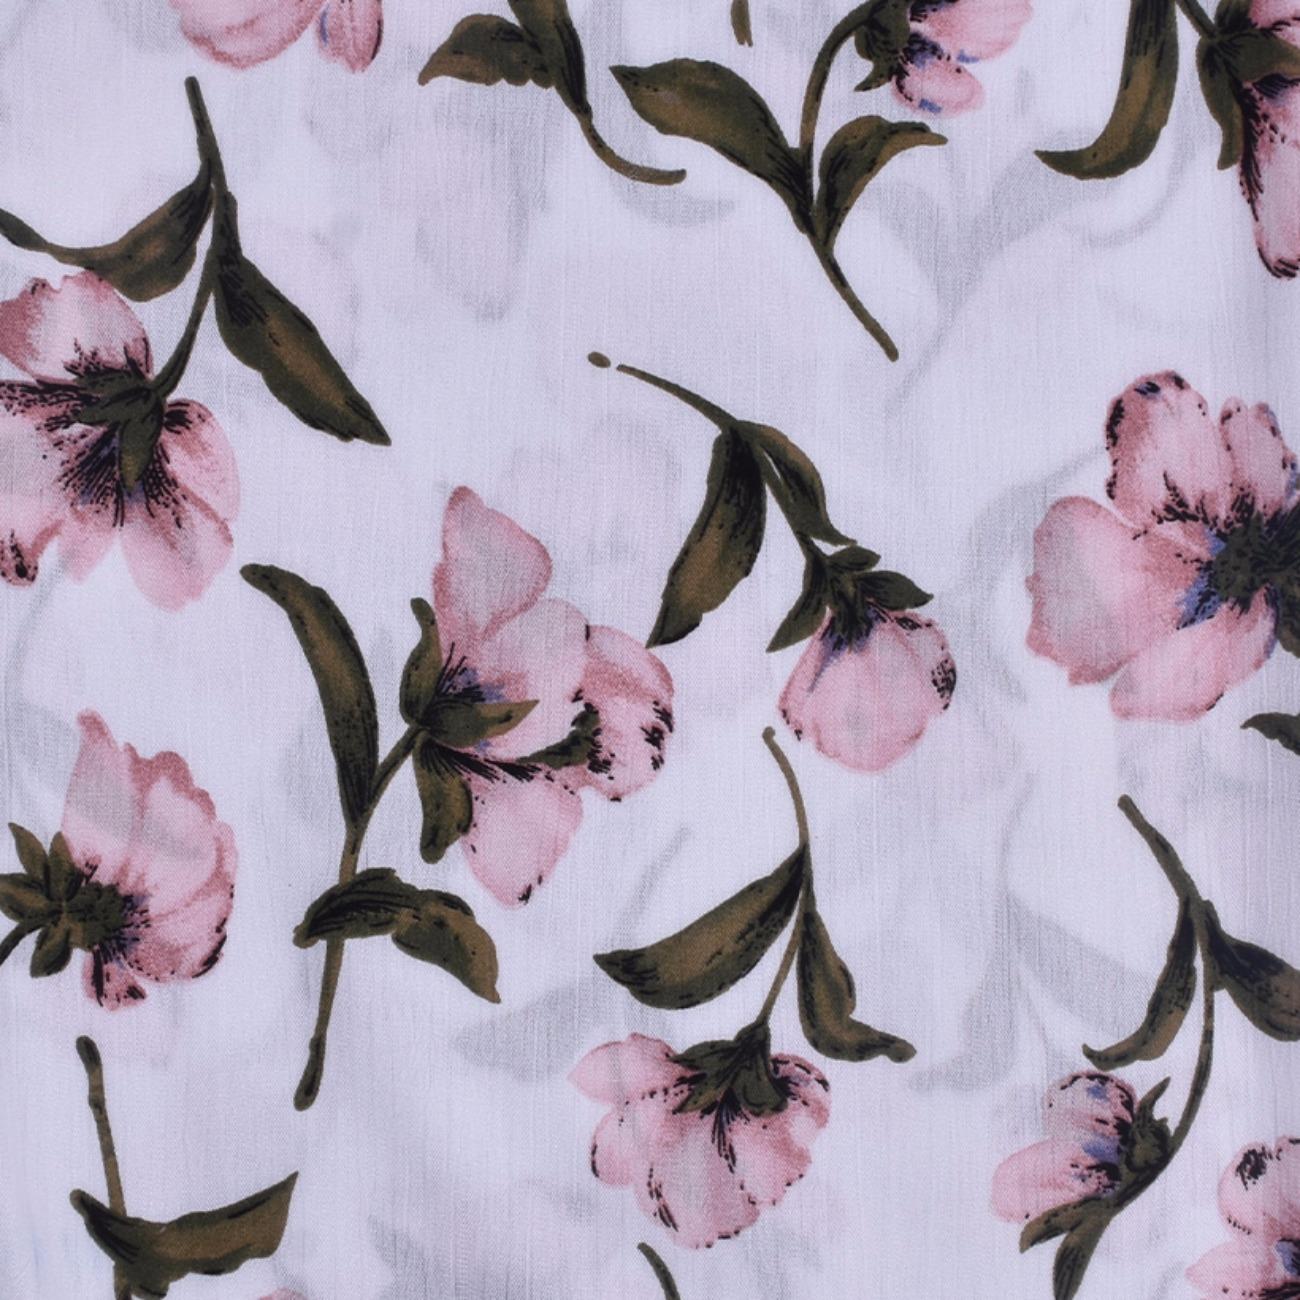 人棉皱 现货 花朵 梭织 印花 无弹 衬衫 连衣裙 短裙 棉感 薄 70522-6